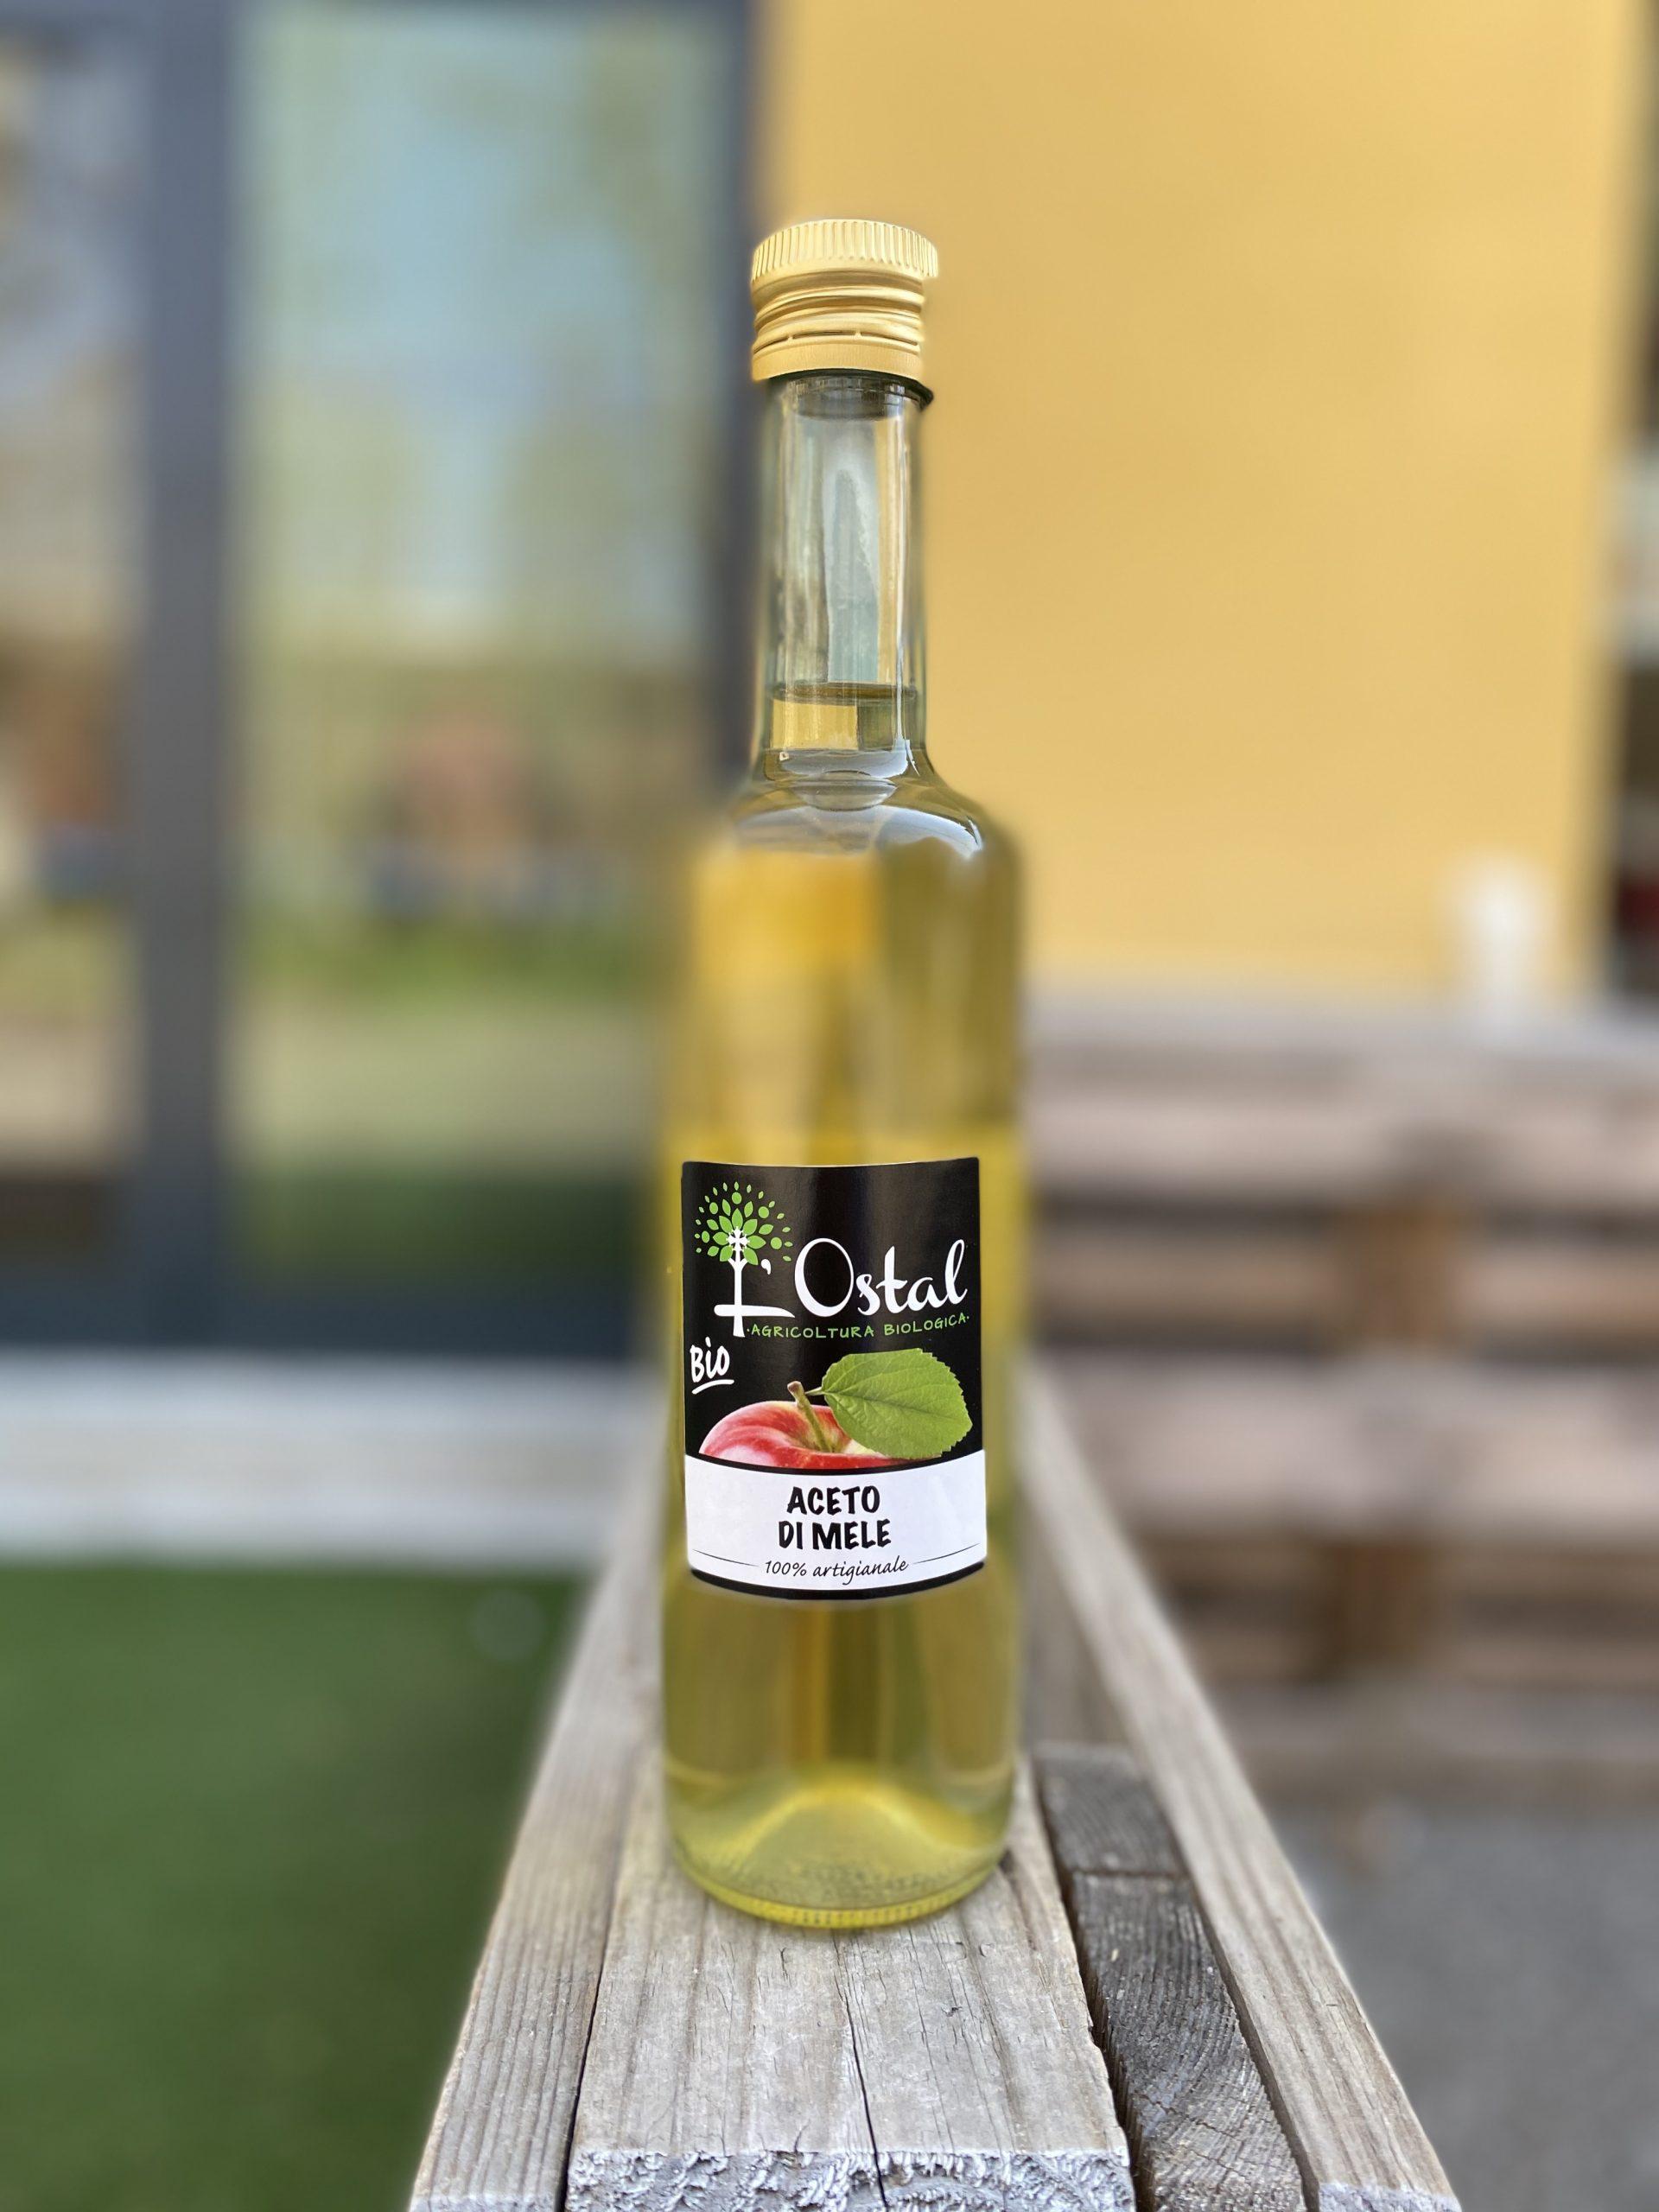 Aceto di mele bio – L'Ostal